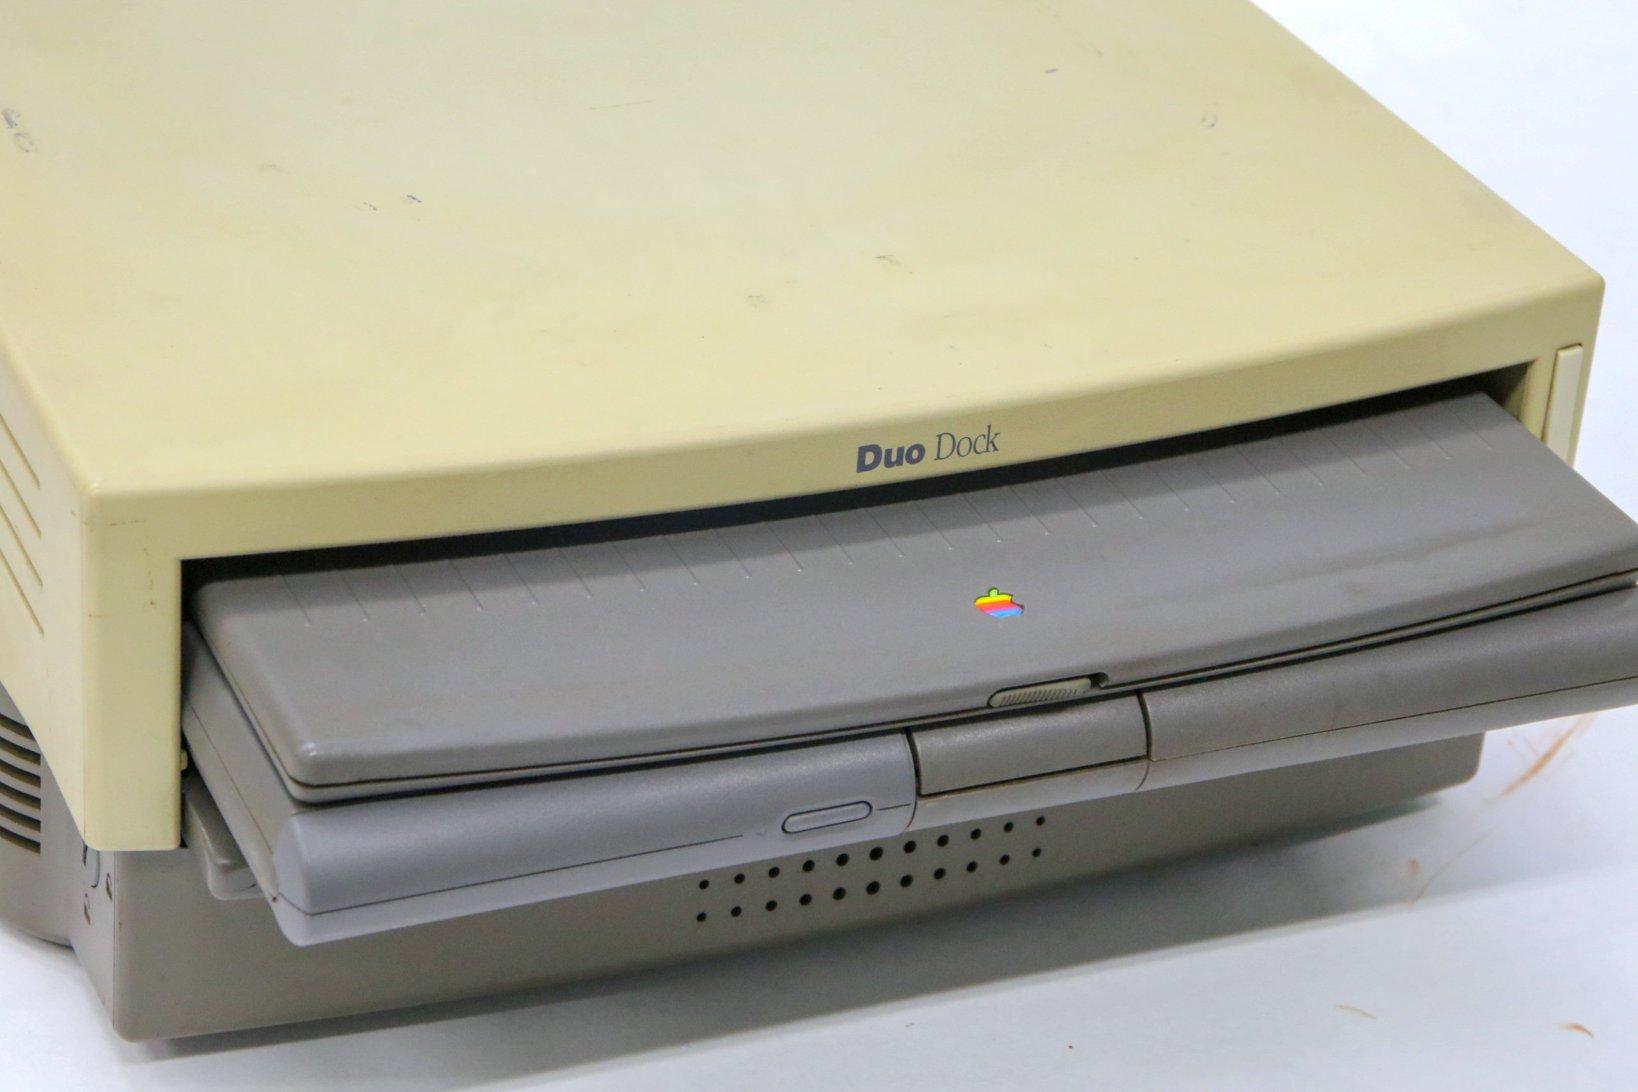 グレーの筐体のコンピュータがPowerbook Duo230。